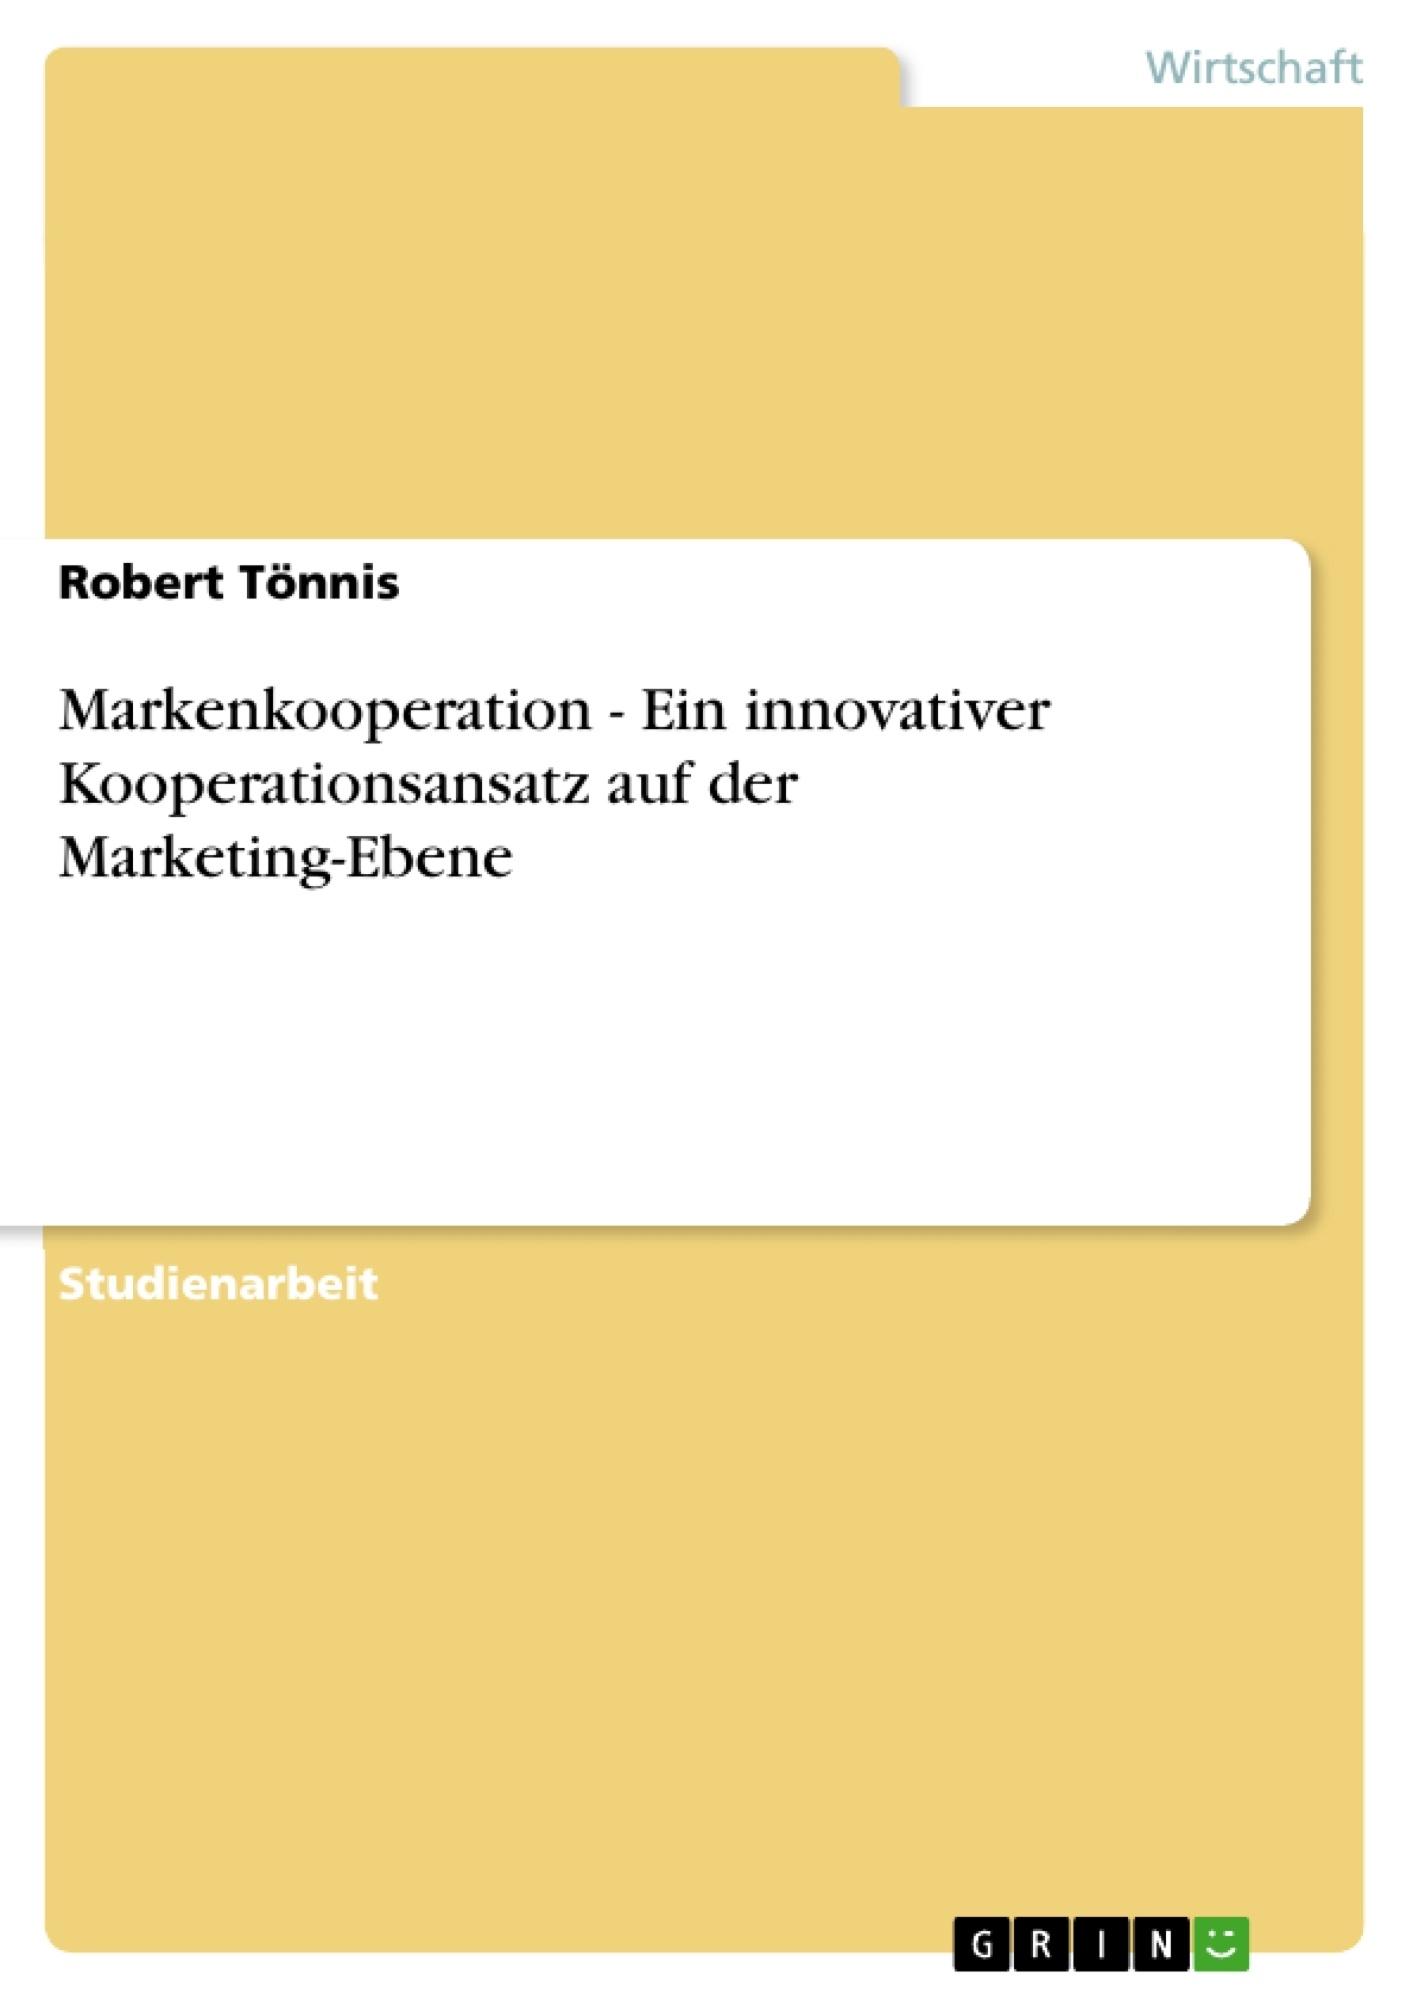 Titel: Markenkooperation - Ein innovativer Kooperationsansatz auf der Marketing-Ebene